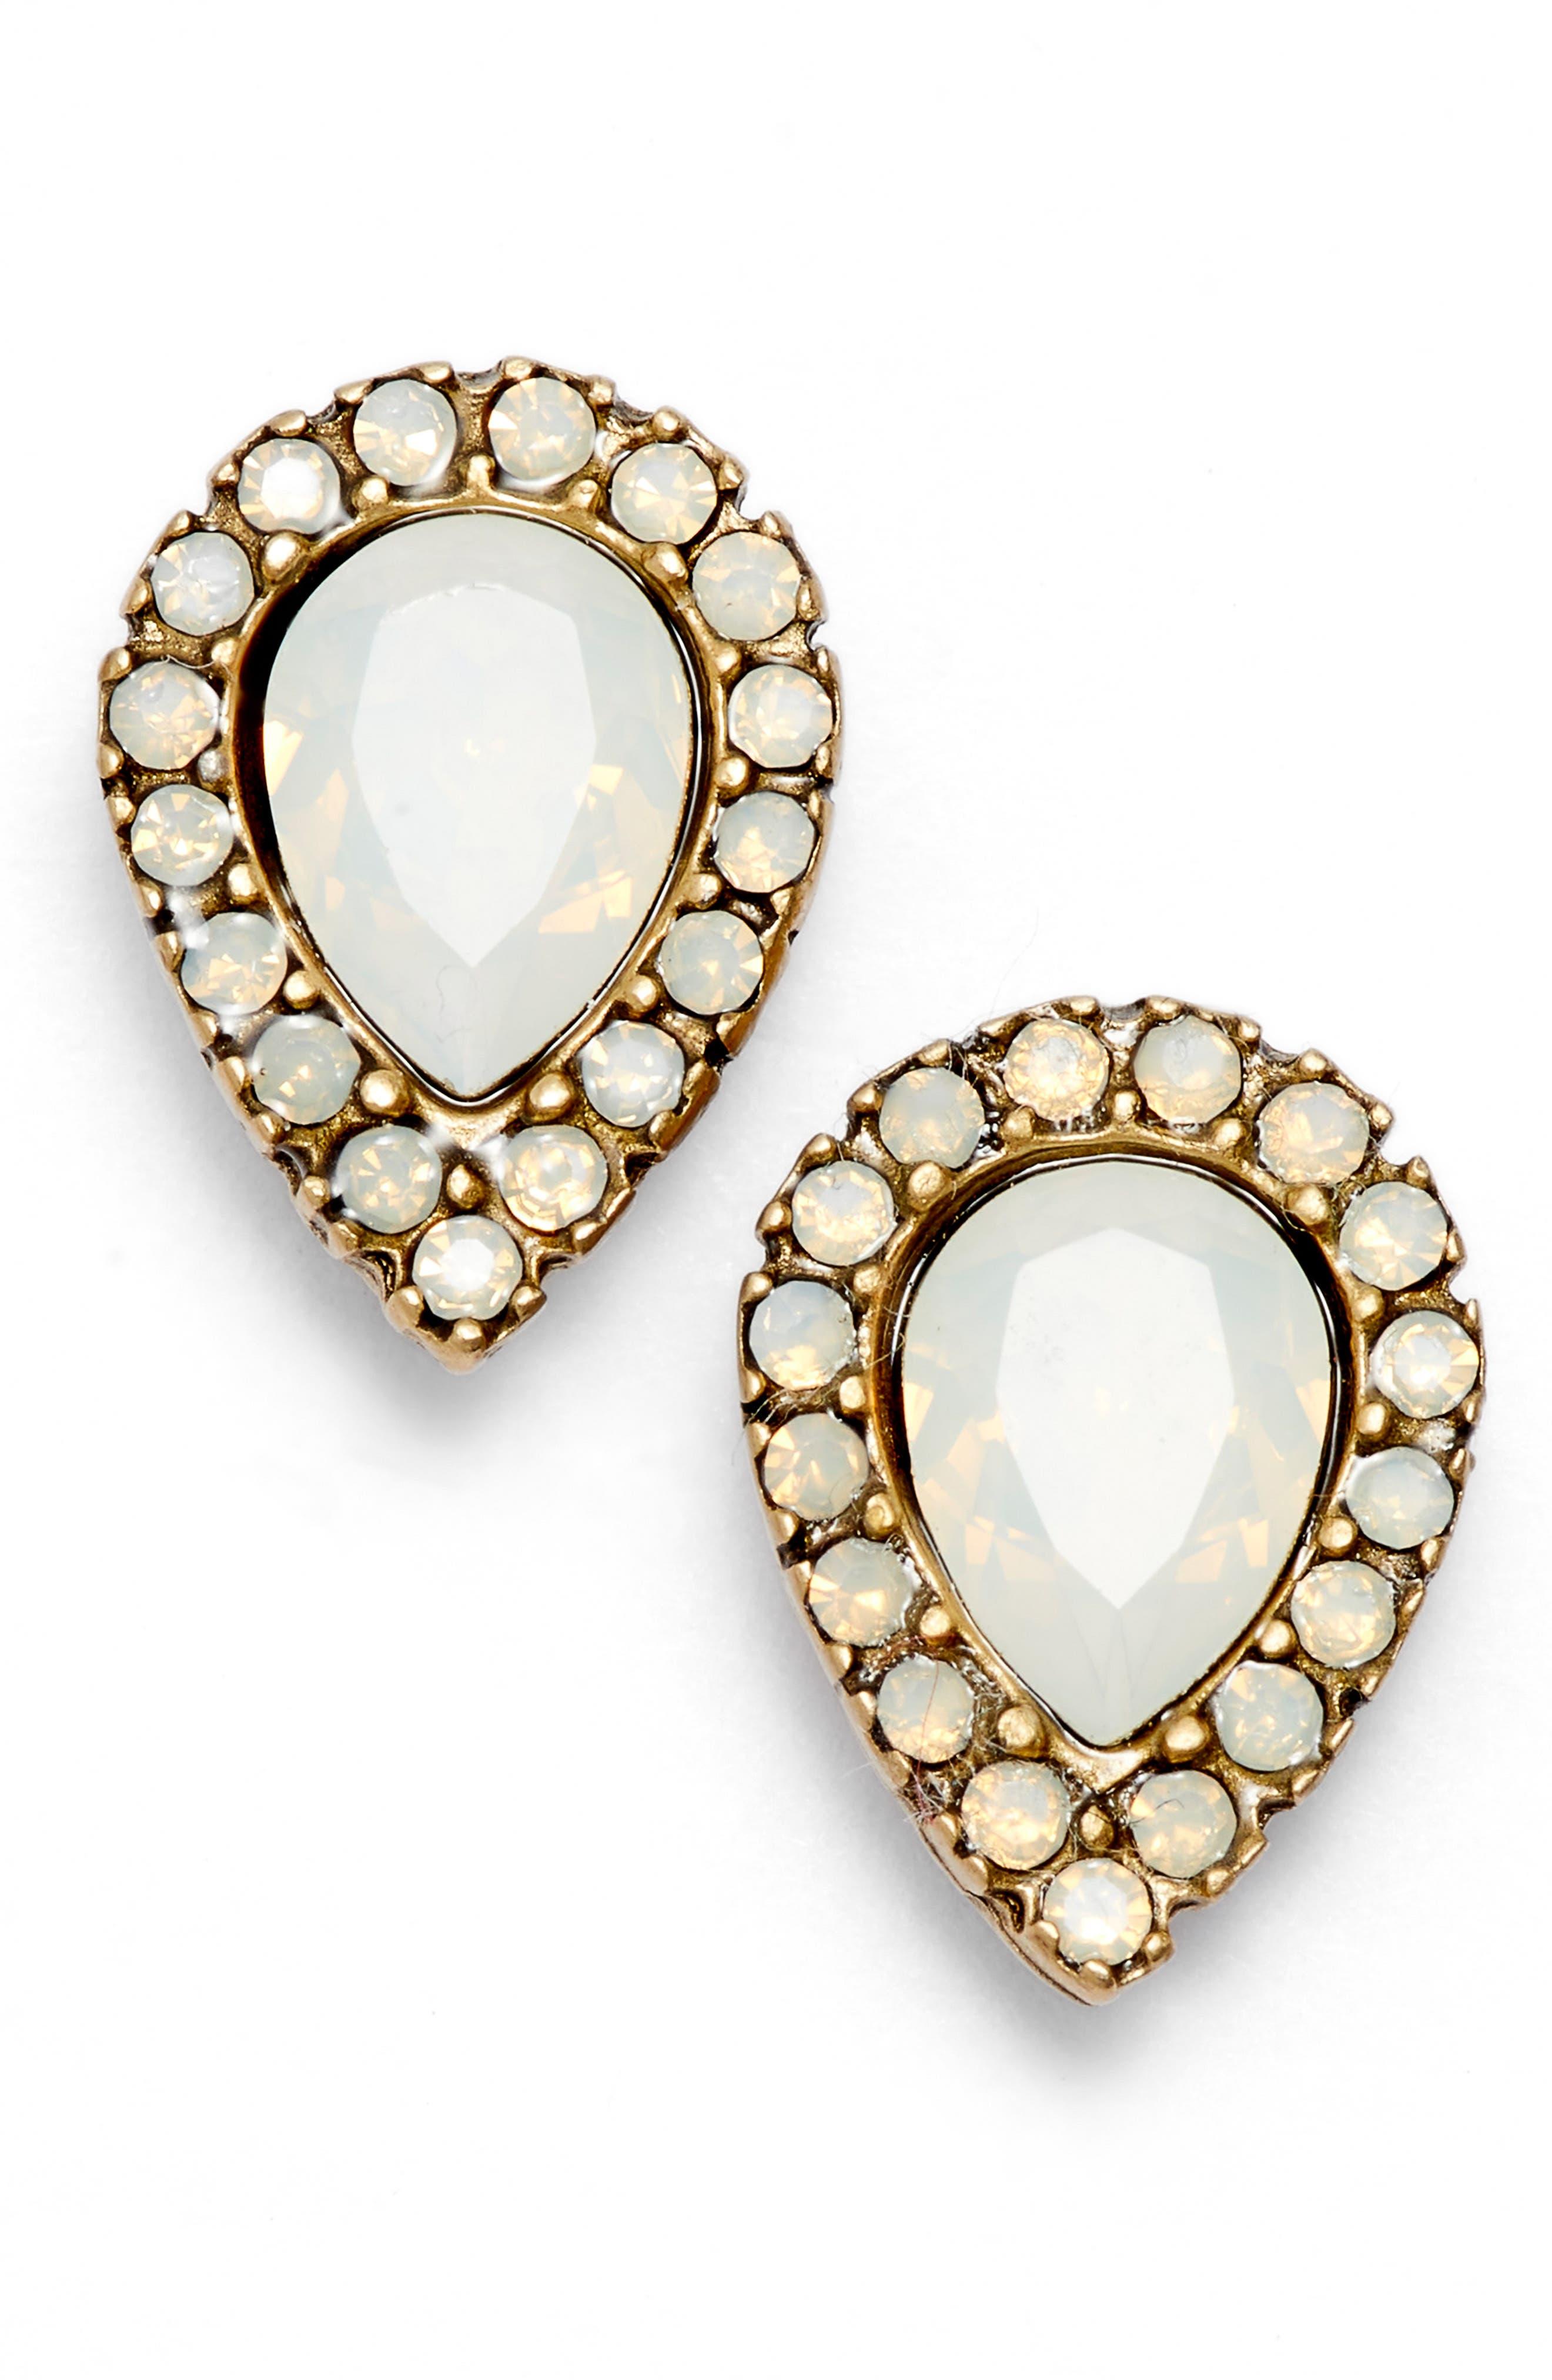 Jamie Teardrop Stud Earrings,                         Main,                         color, GOLD/ WHITE